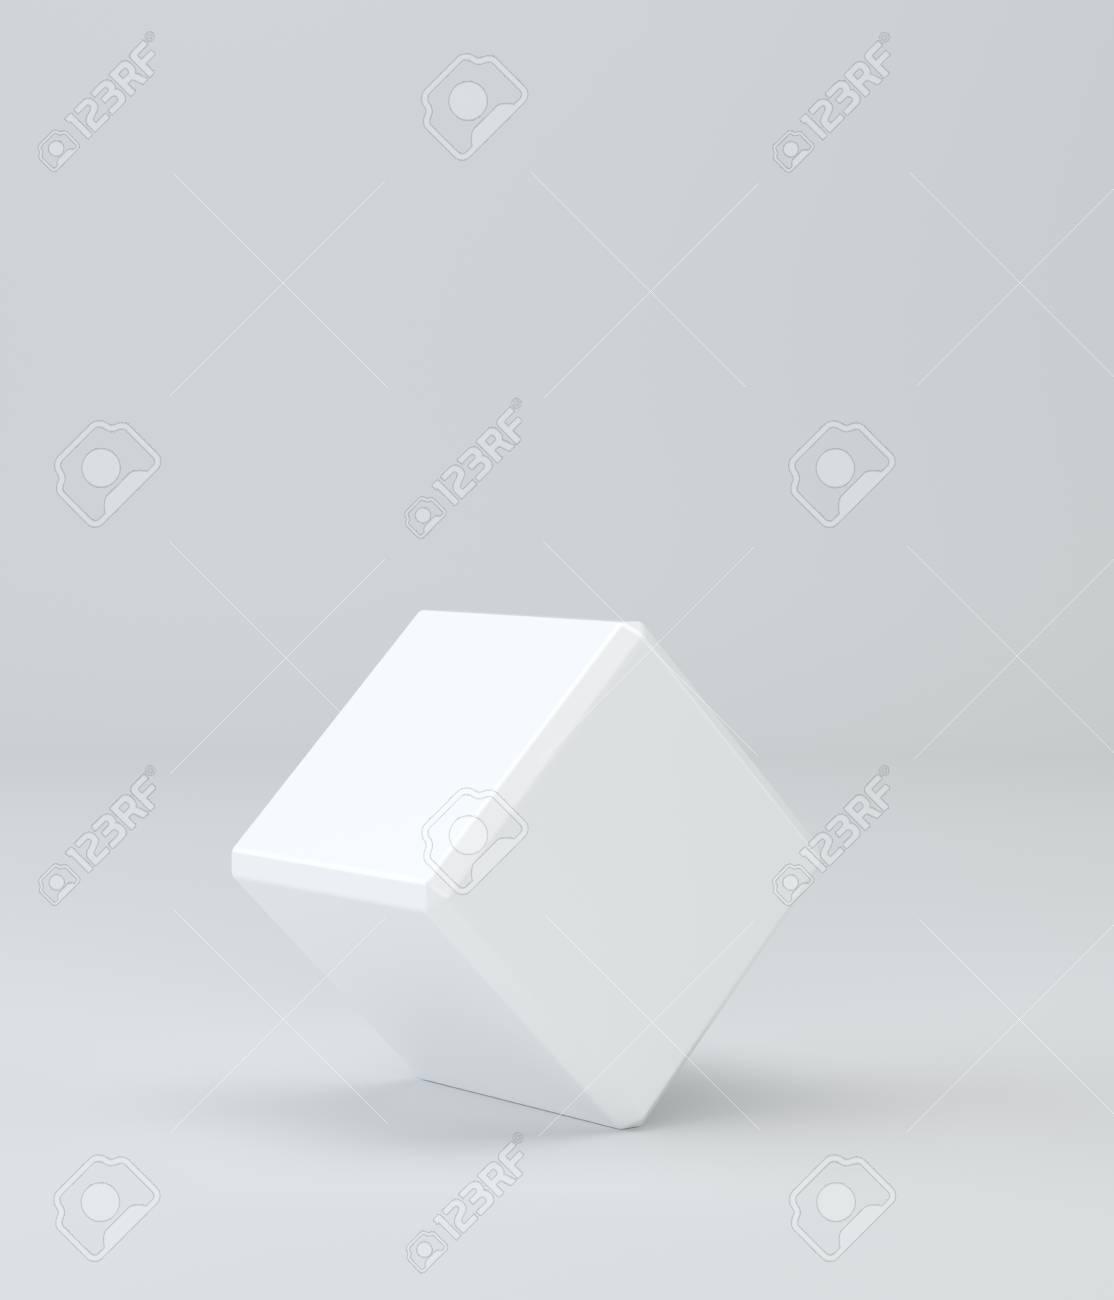 Cubo En Blanco Vacío Plantilla De Caja En El Fondo Representación